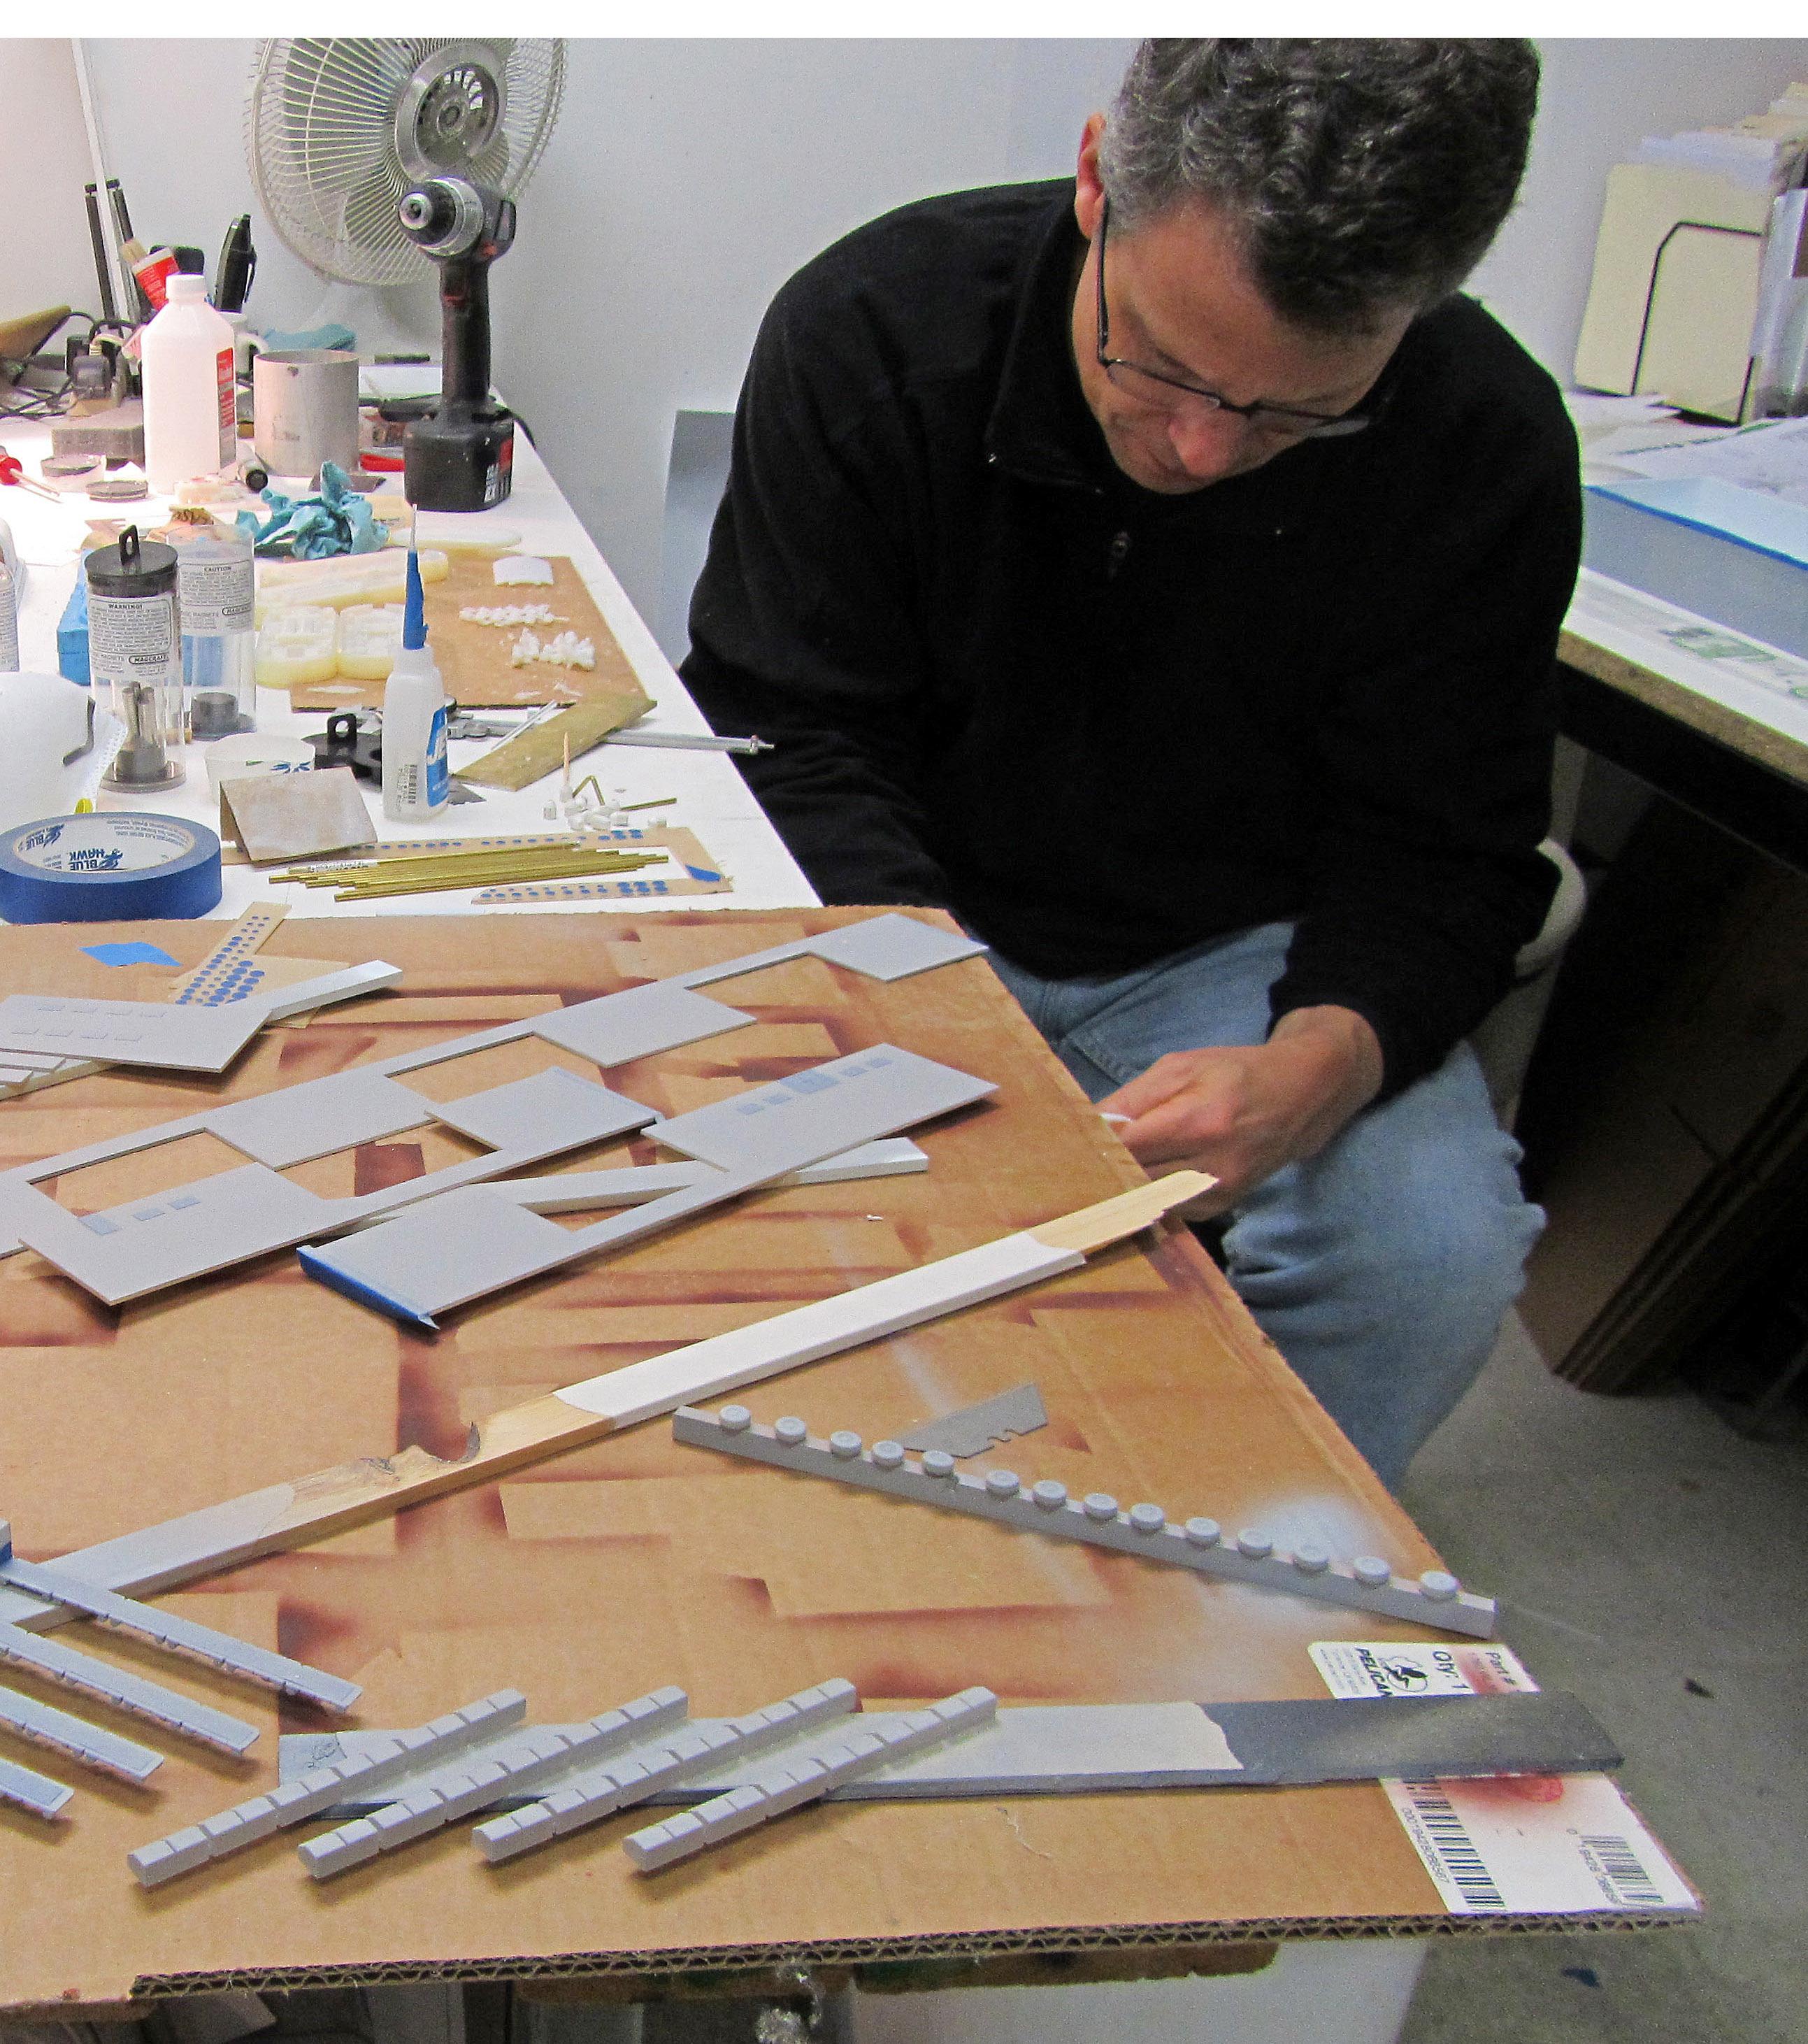 KiwiMill Model Maker Mike